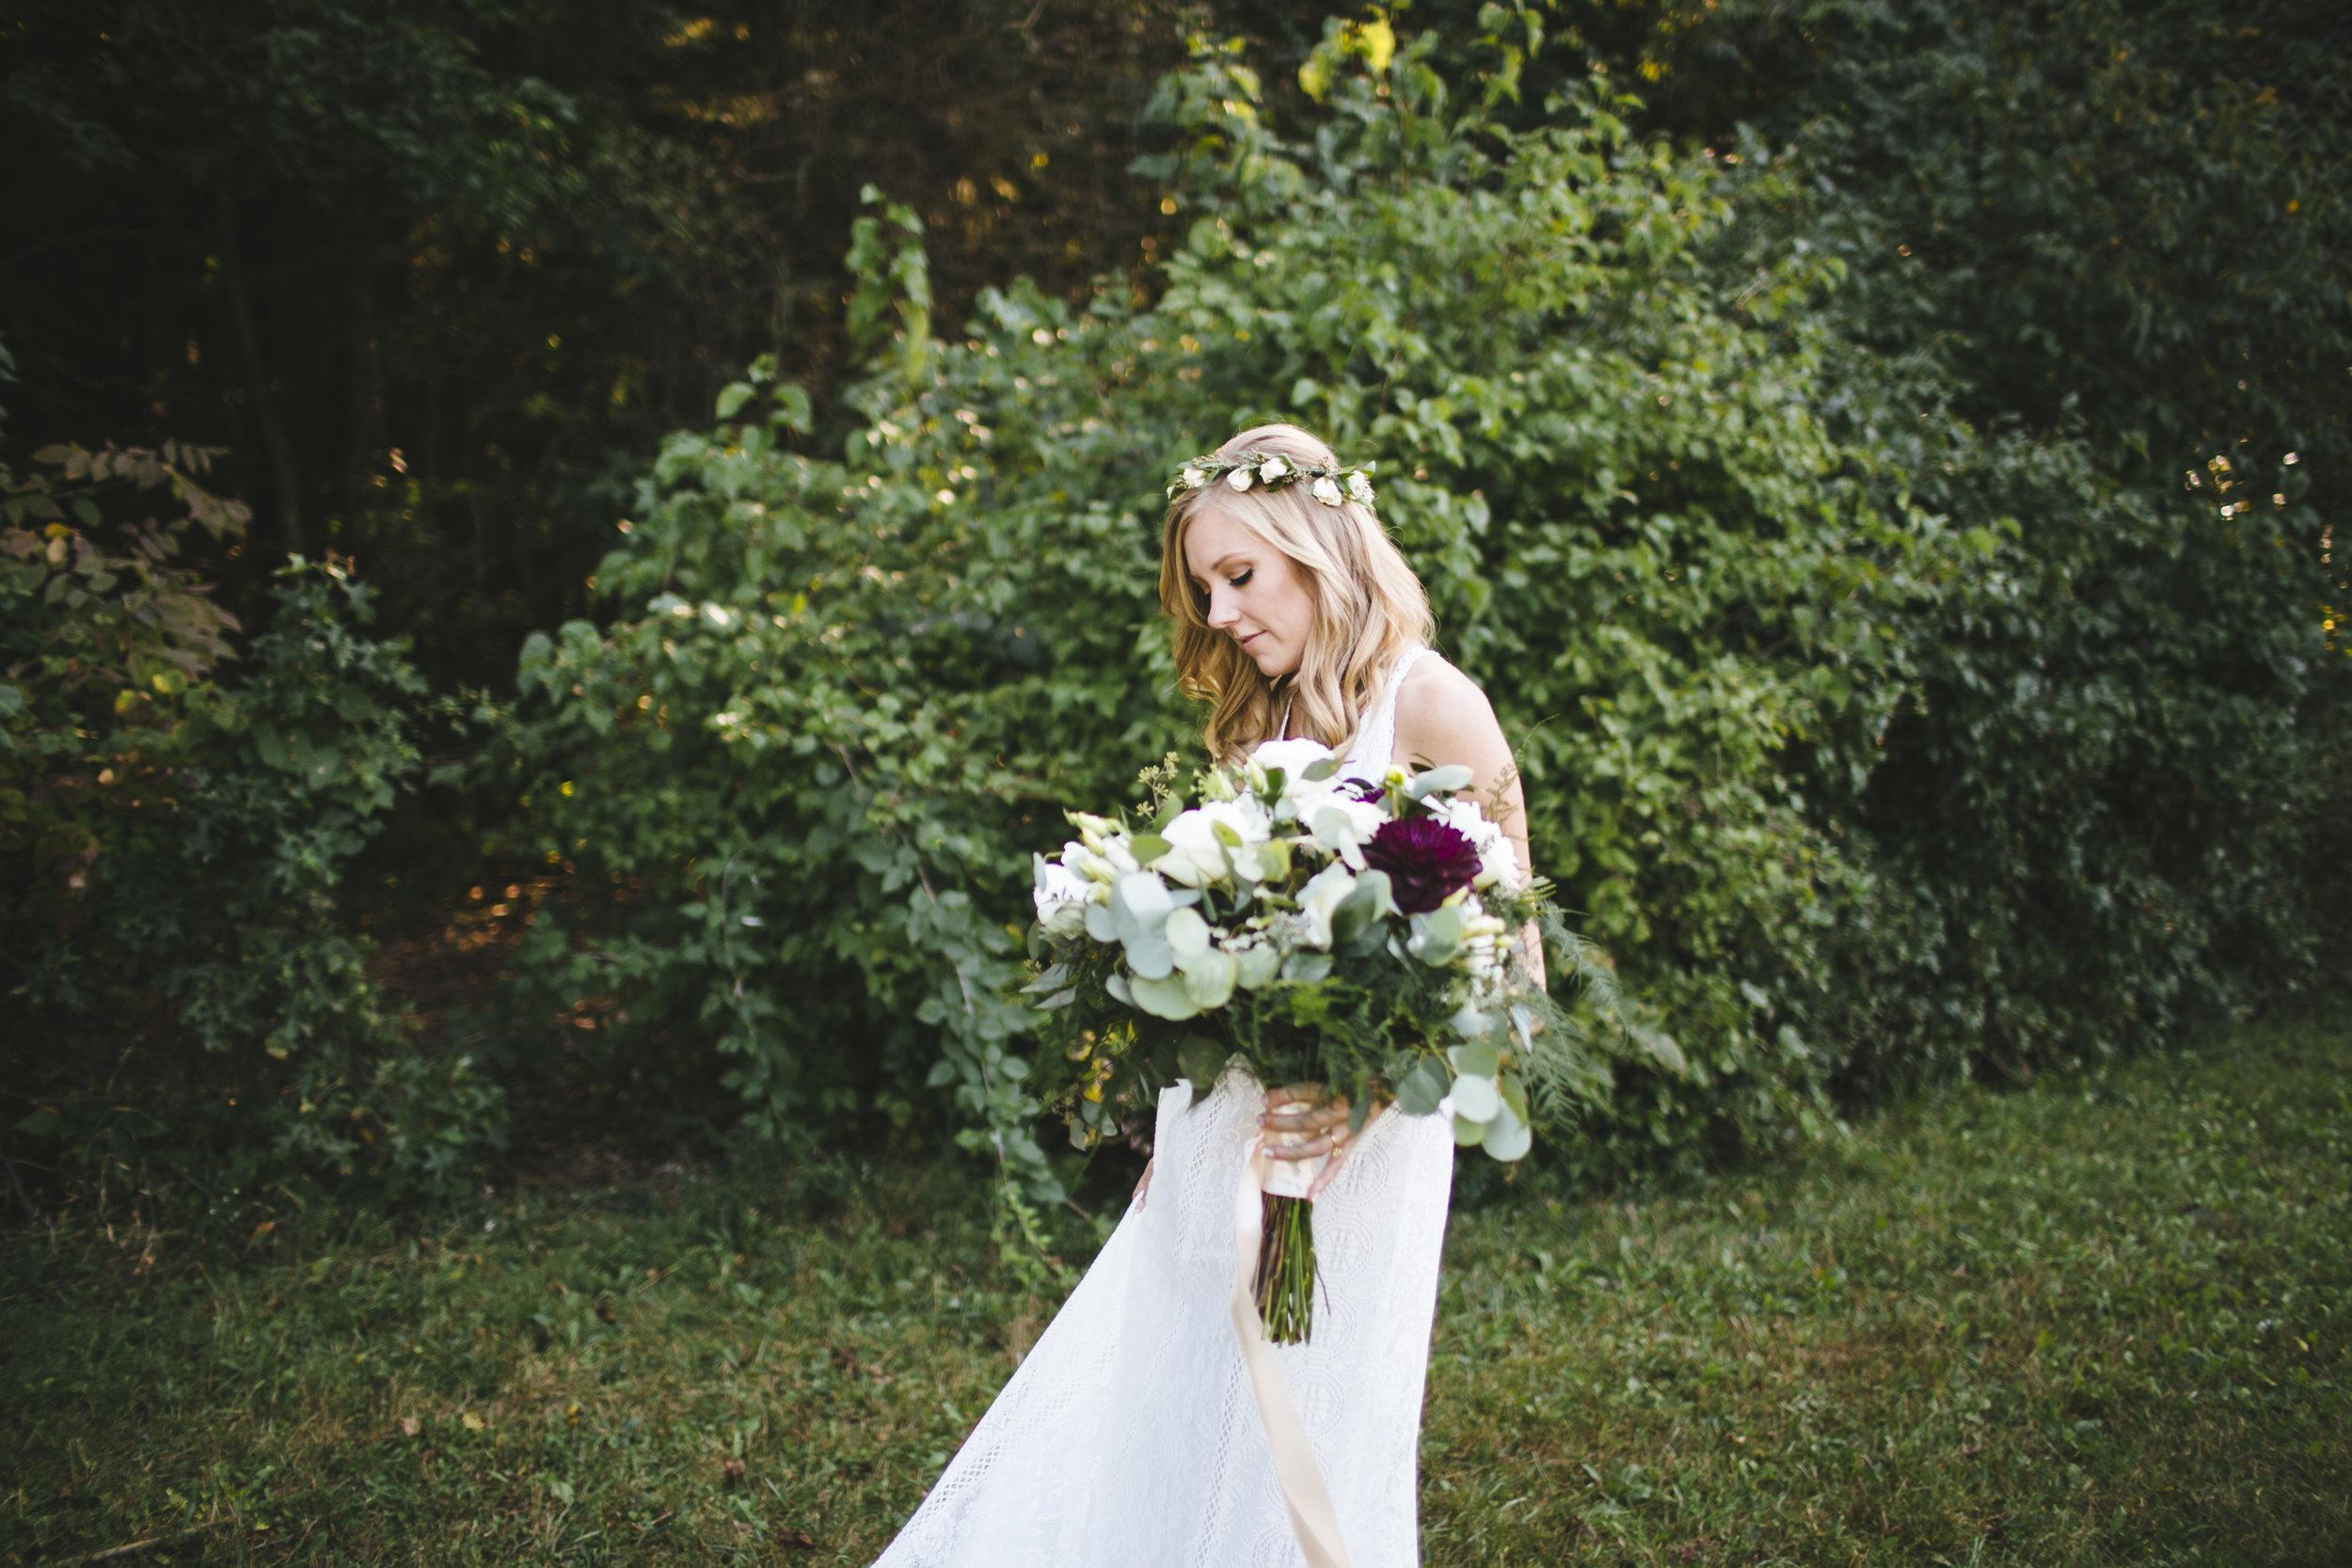 wedding__0217.jpg